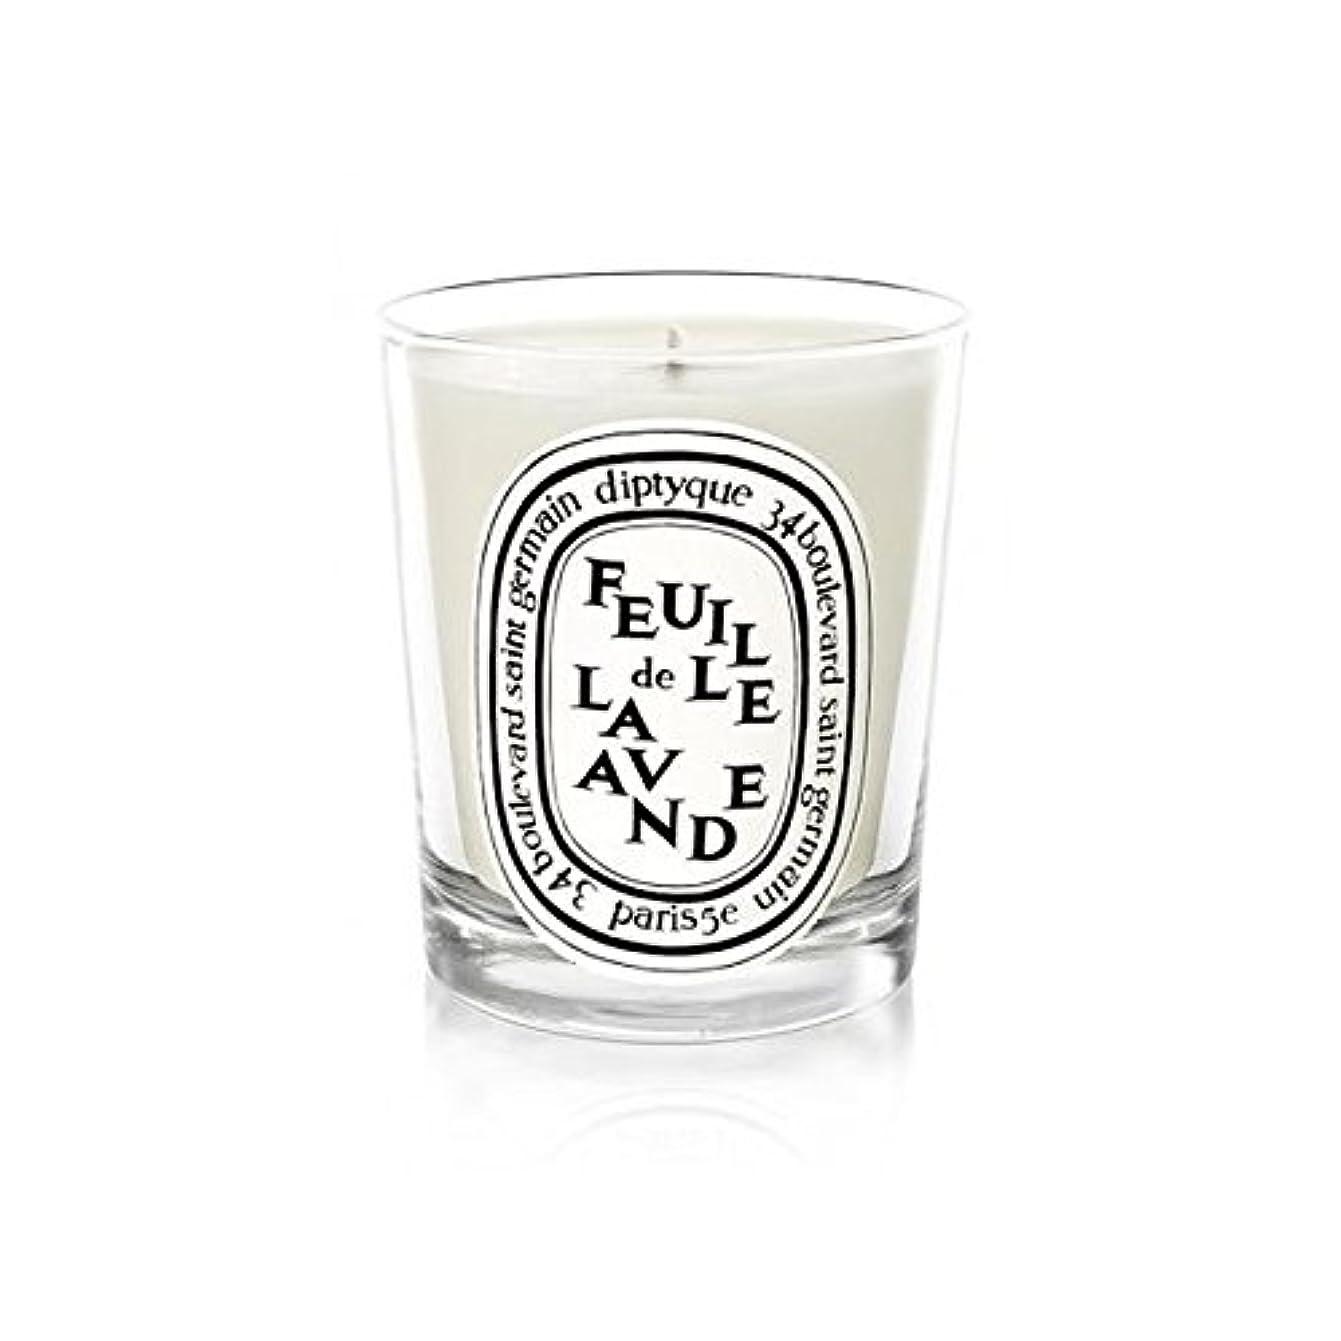 専ら配送大工DiptyqueキャンドルFeuilleデラバンデ/ラベンダーの葉70グラム - Diptyque Candle Feuille De Lavande / Lavender Leaf 70g (Diptyque) [並行輸入品]